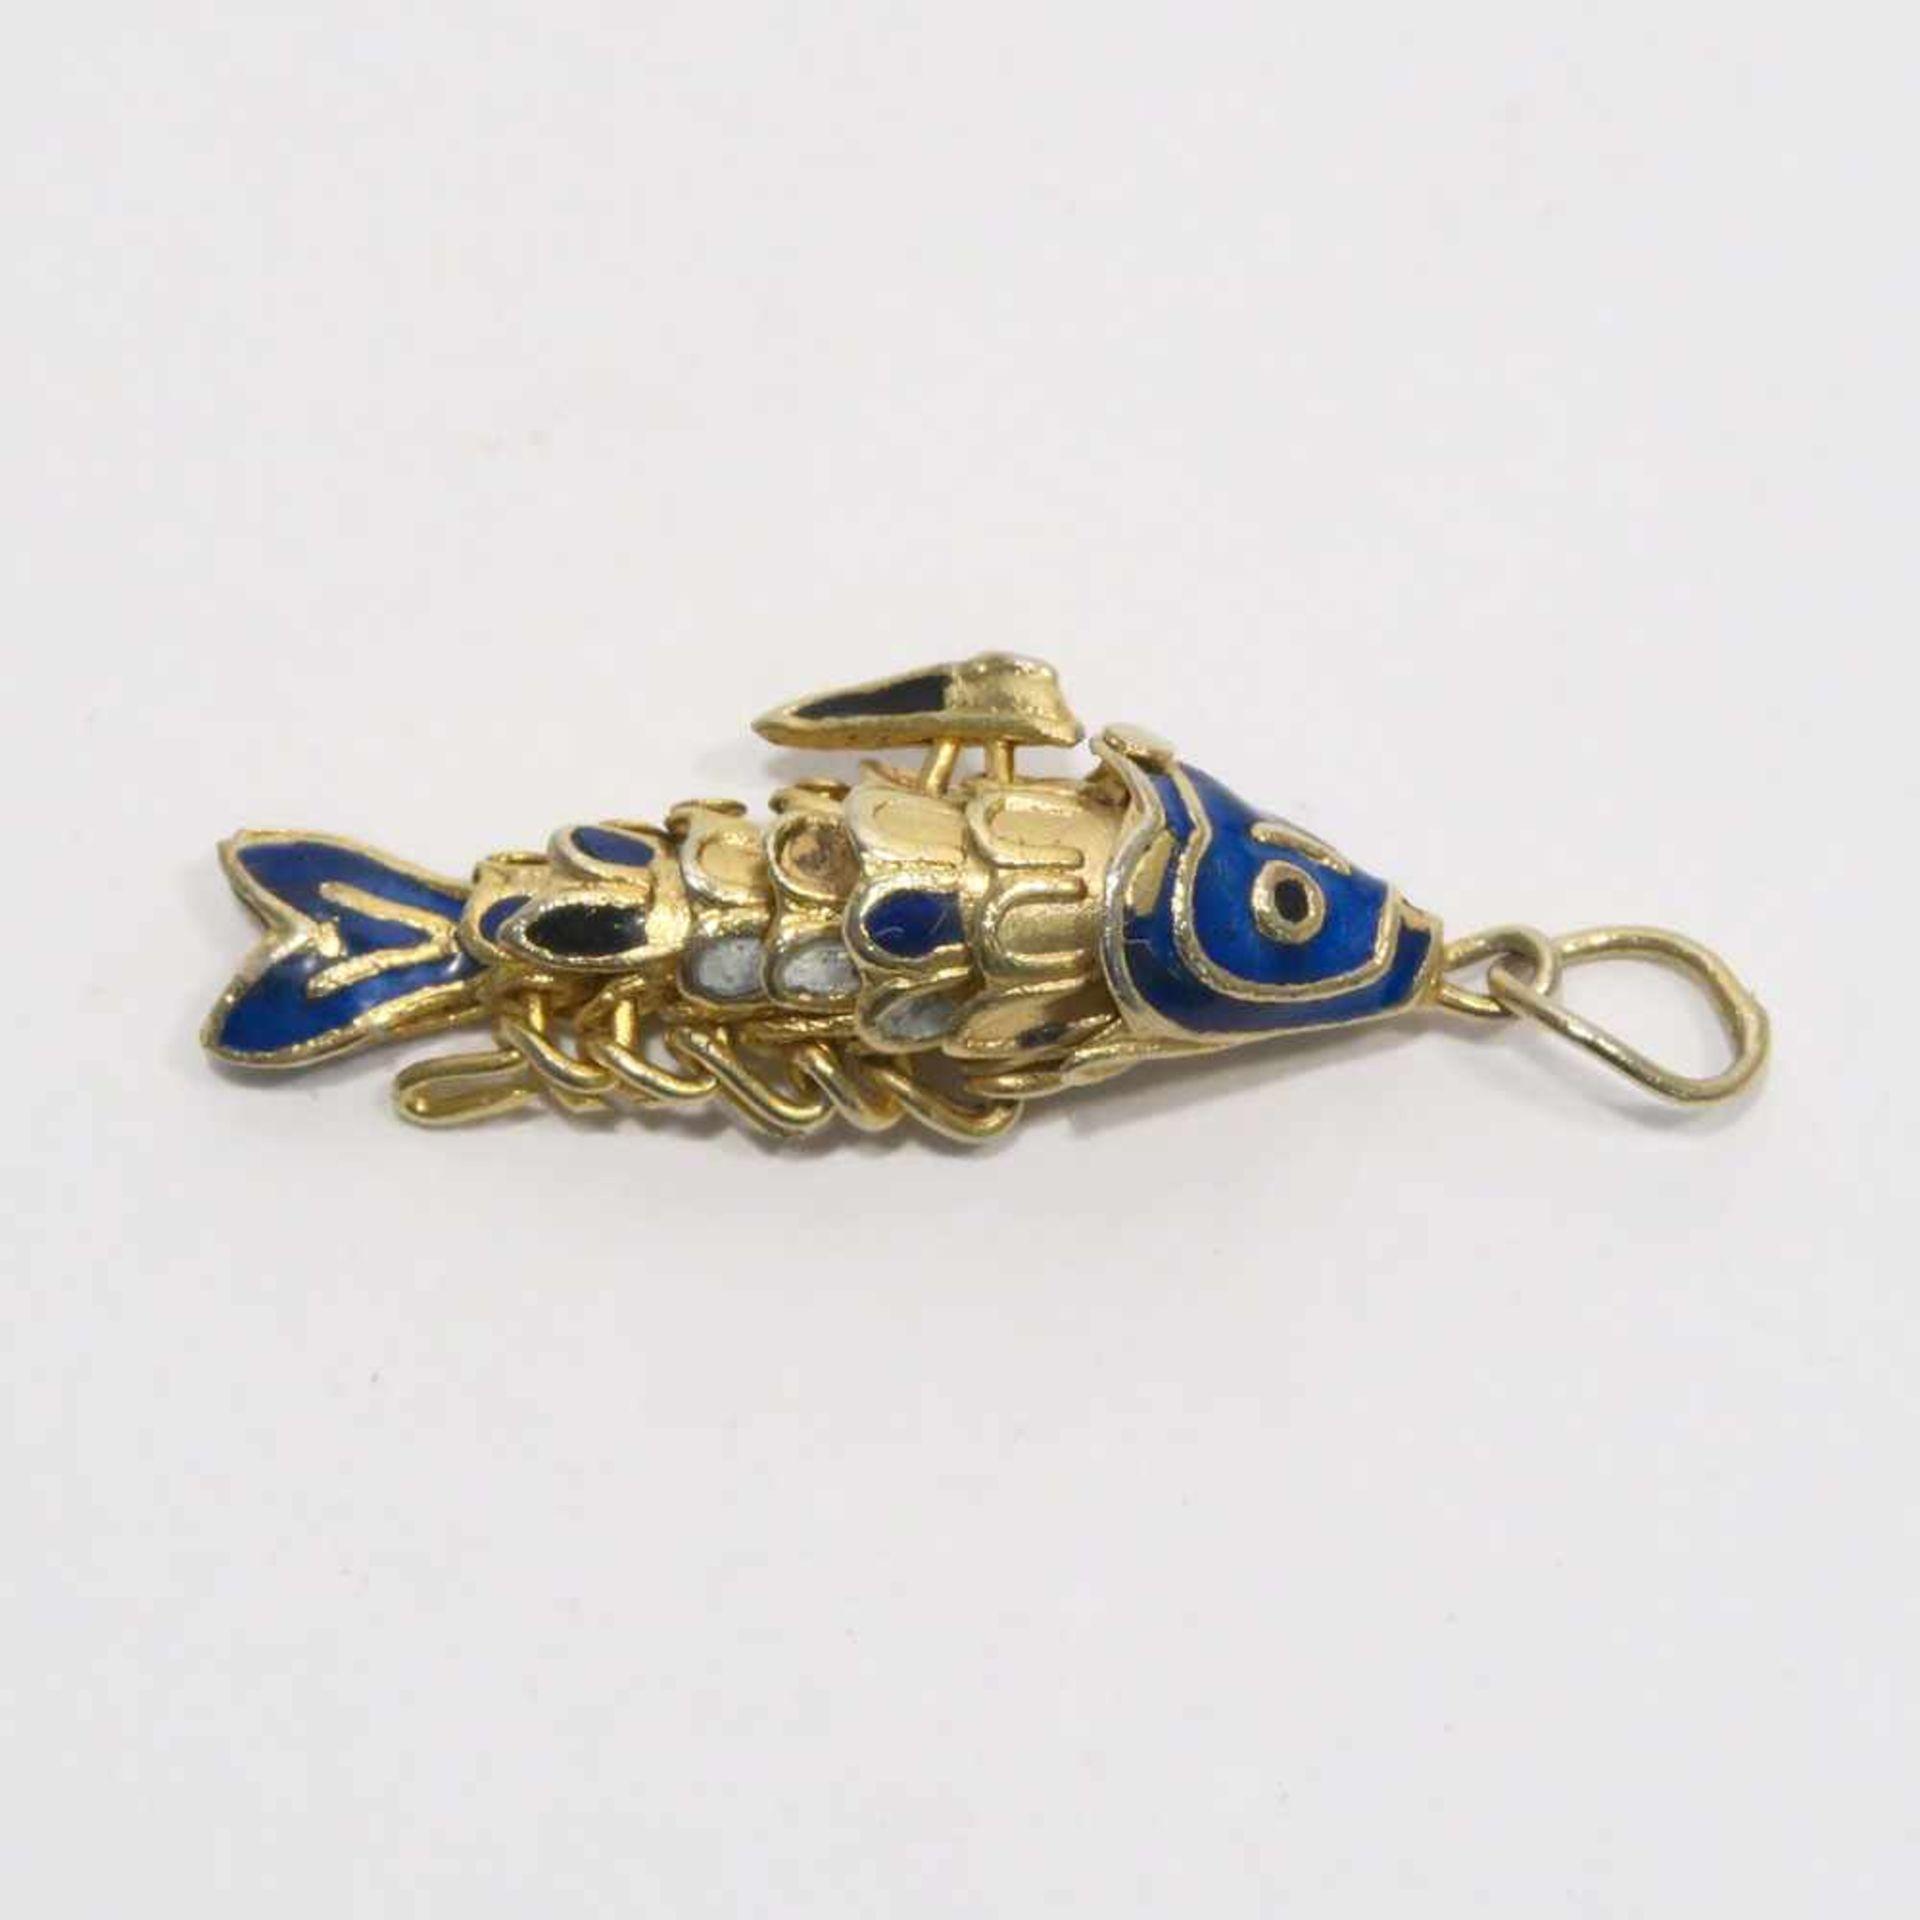 Fisch-AnhängerVergoldet. Bewegliche Glieder tlw. mit blauem und silbernem Email. L. 3 cm (ohne